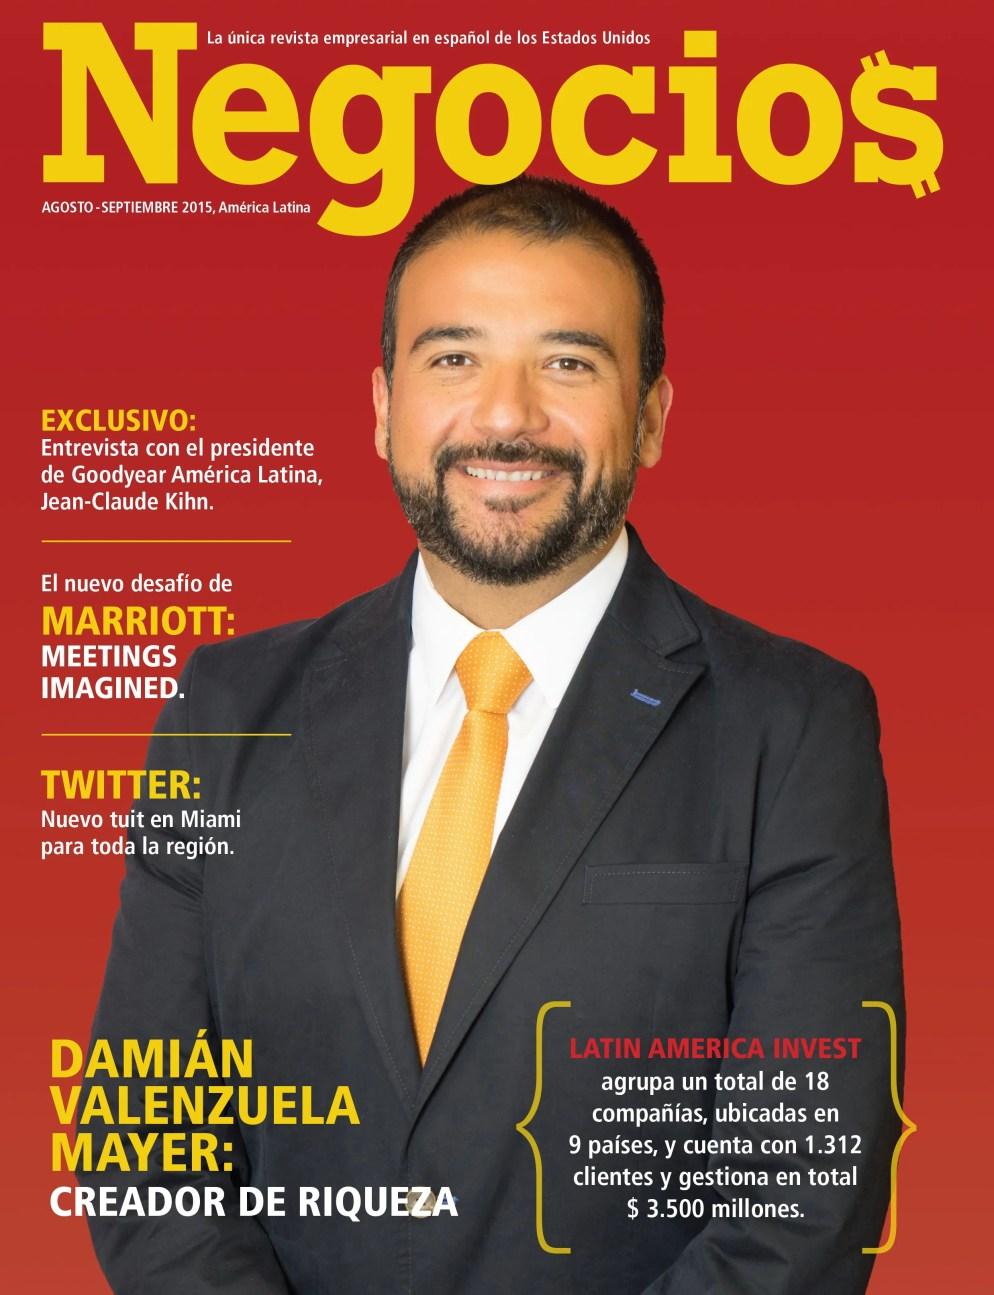 DAMIÁN VALENZUELA MAYER